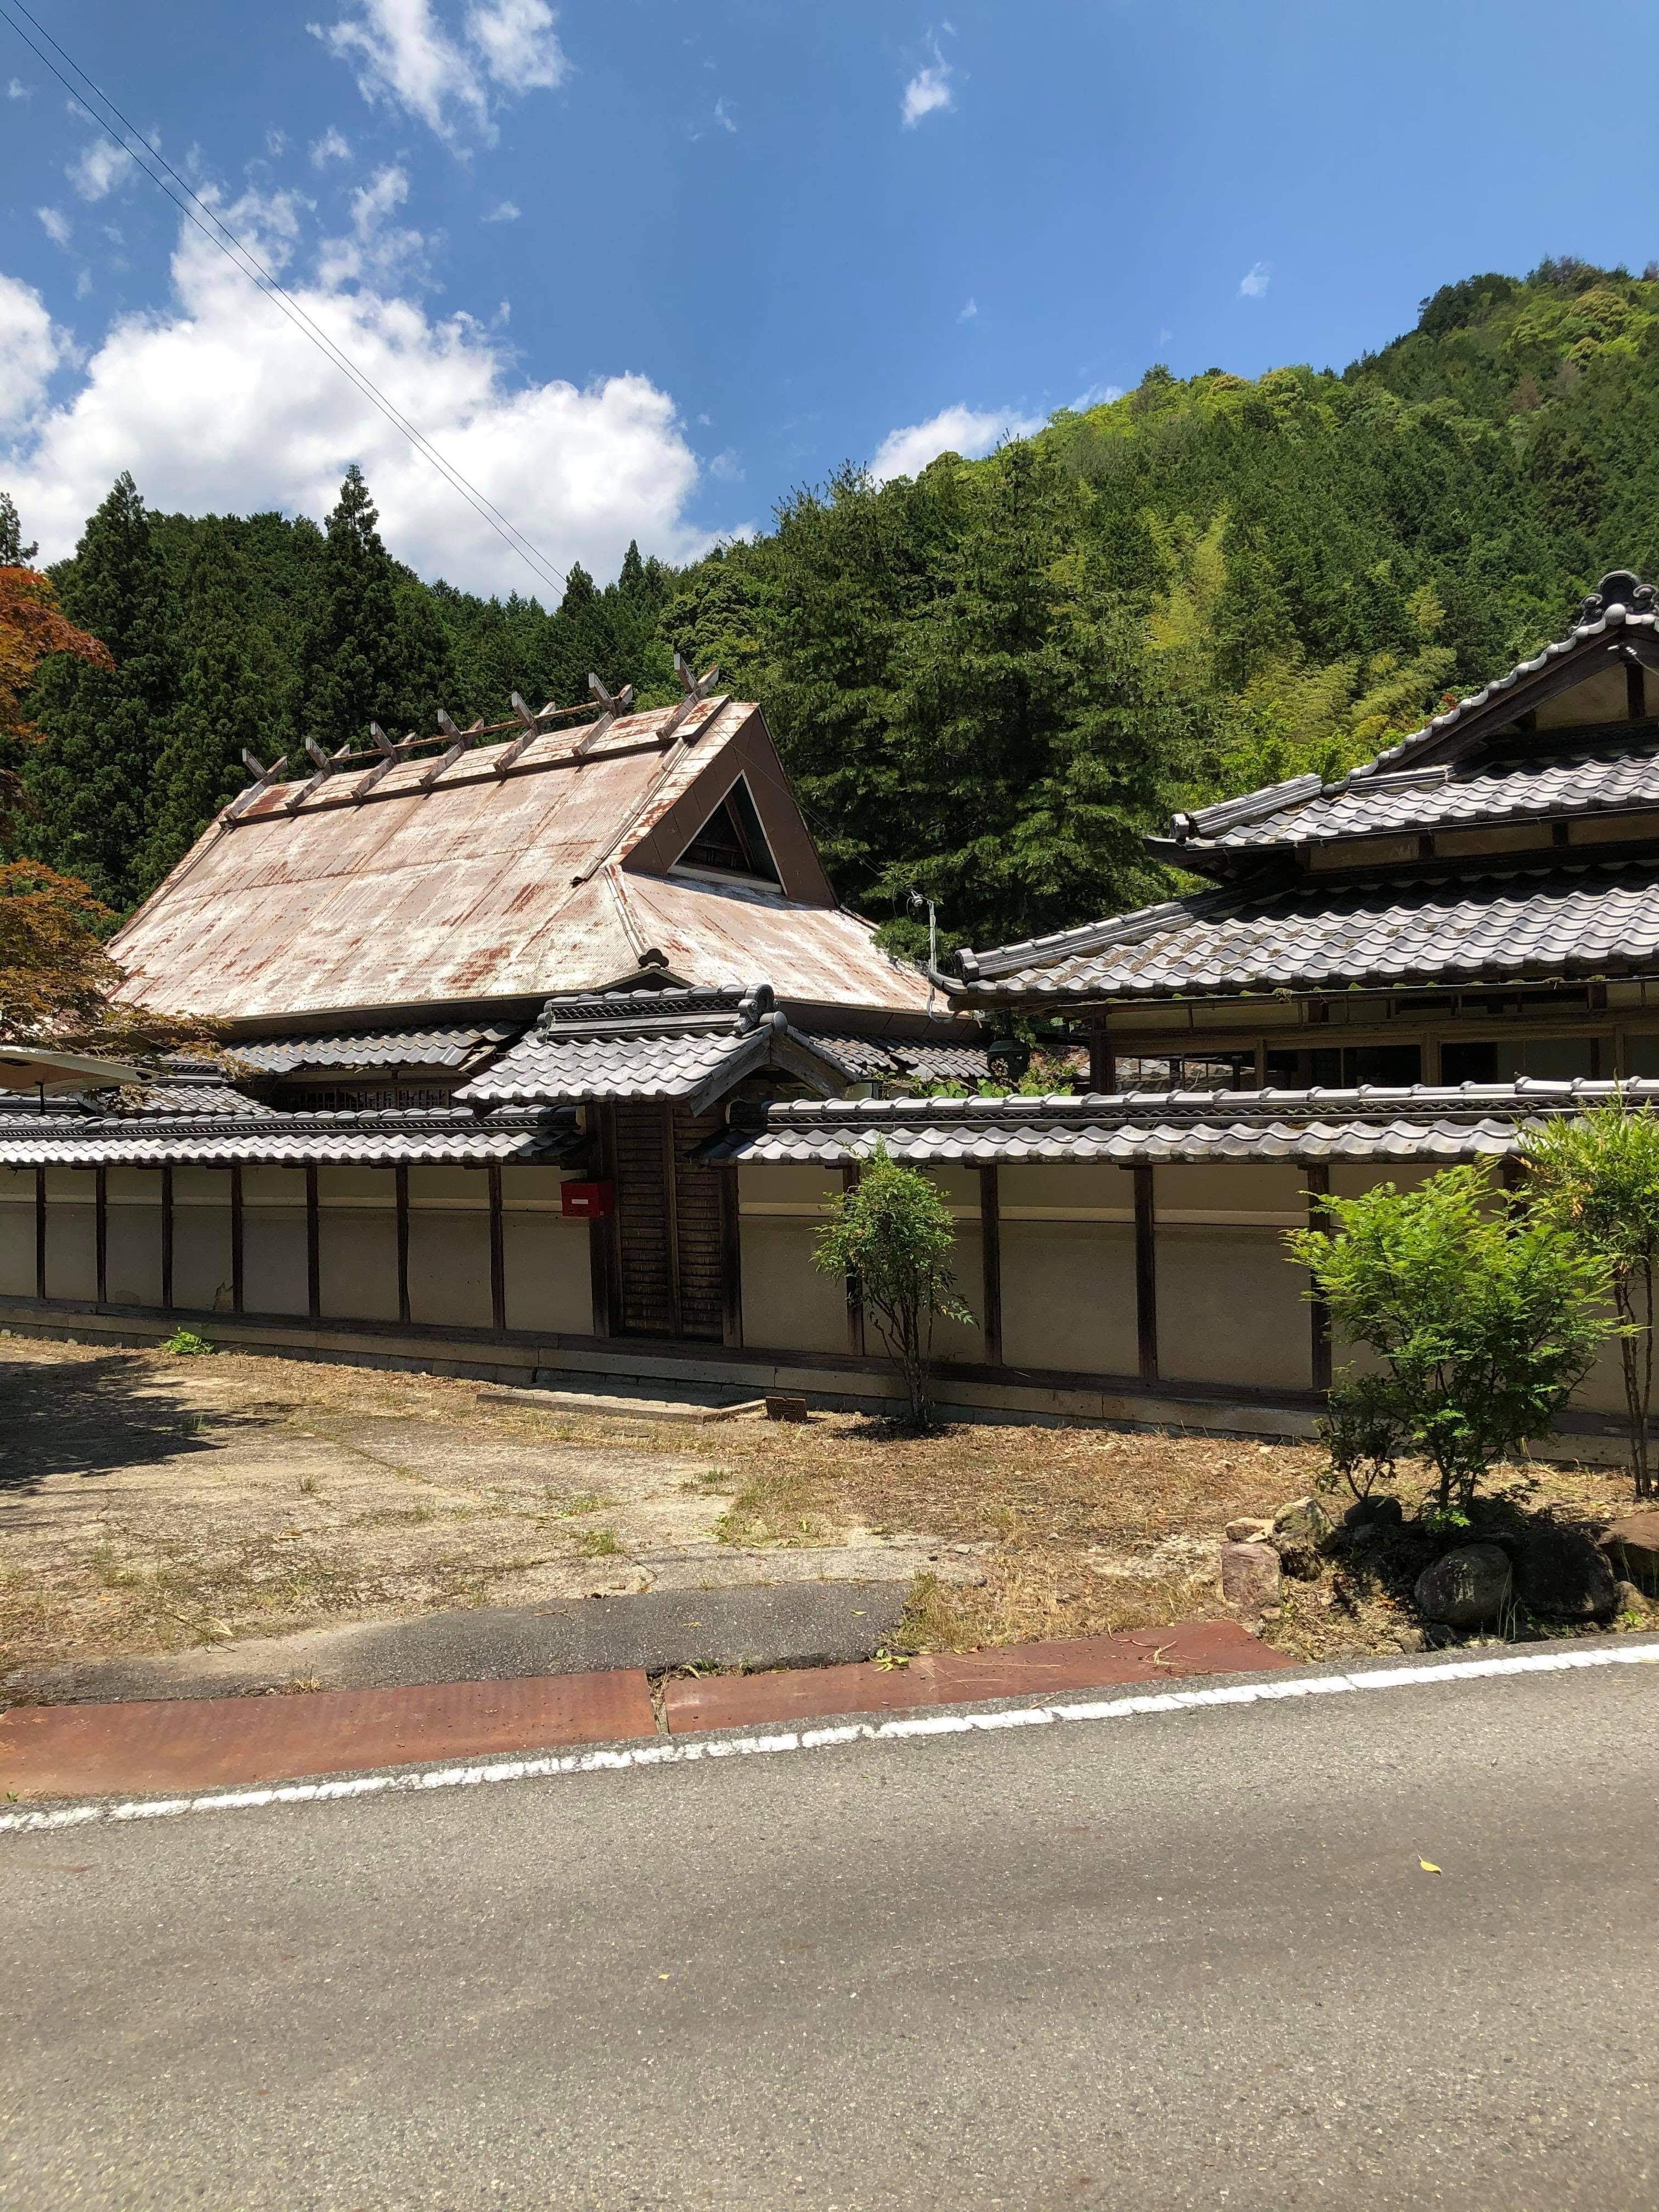 里山・田んぼ(農地)の風景を活かした宿泊施設の写真1